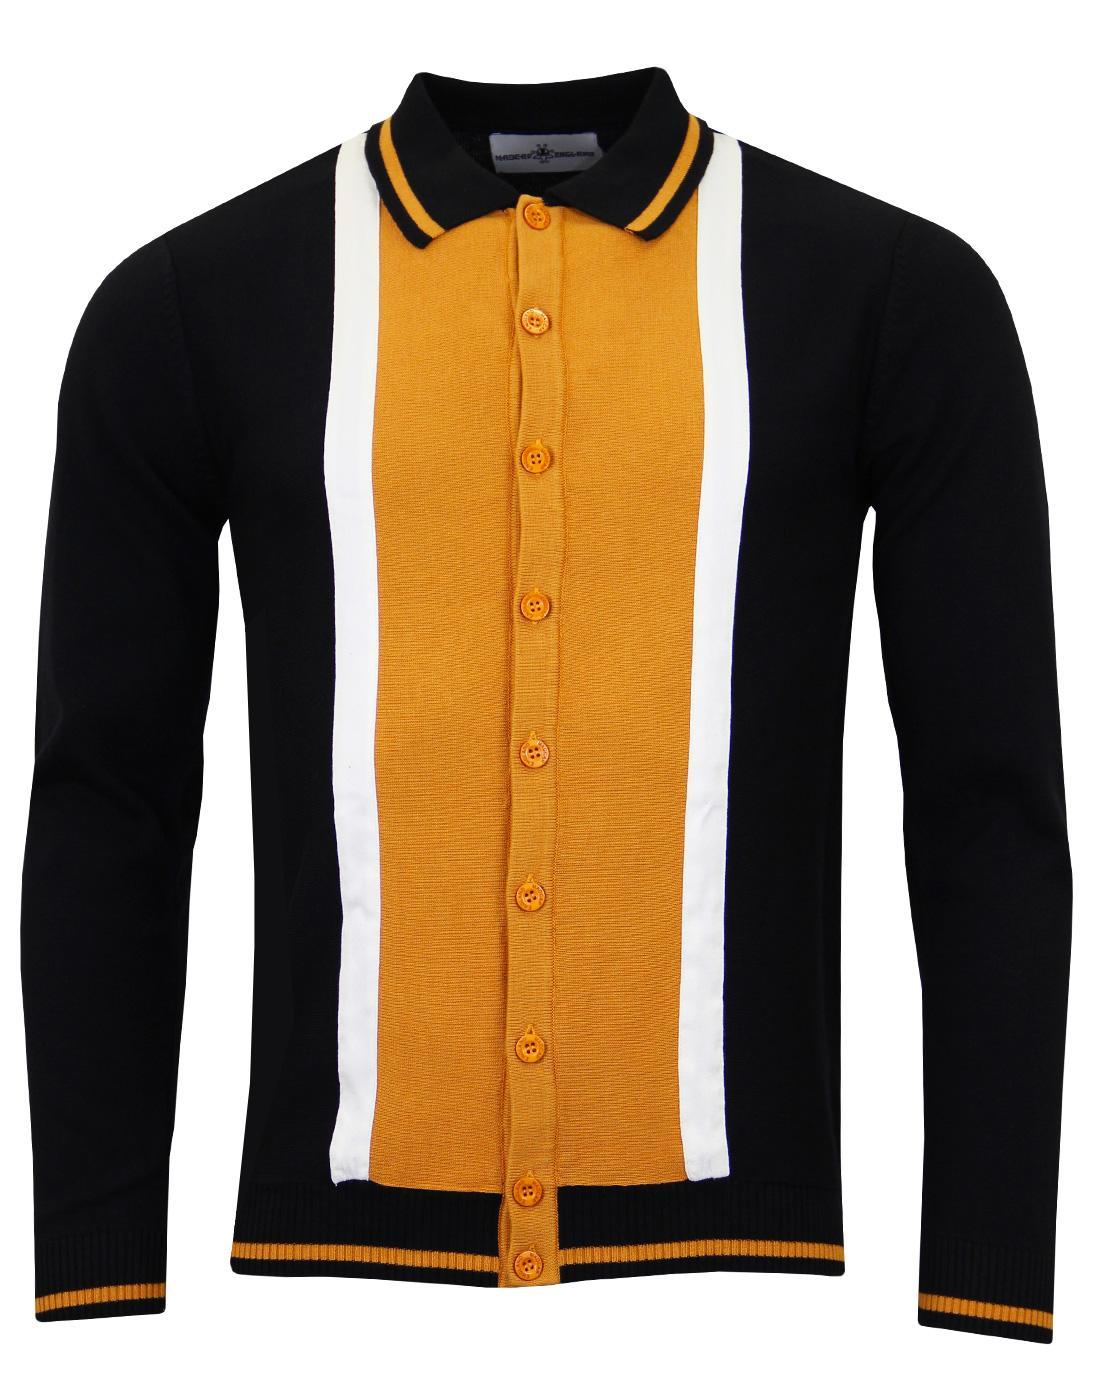 Marriott Suede MADCAP ENGLAND Mod Polo Cardigan BG